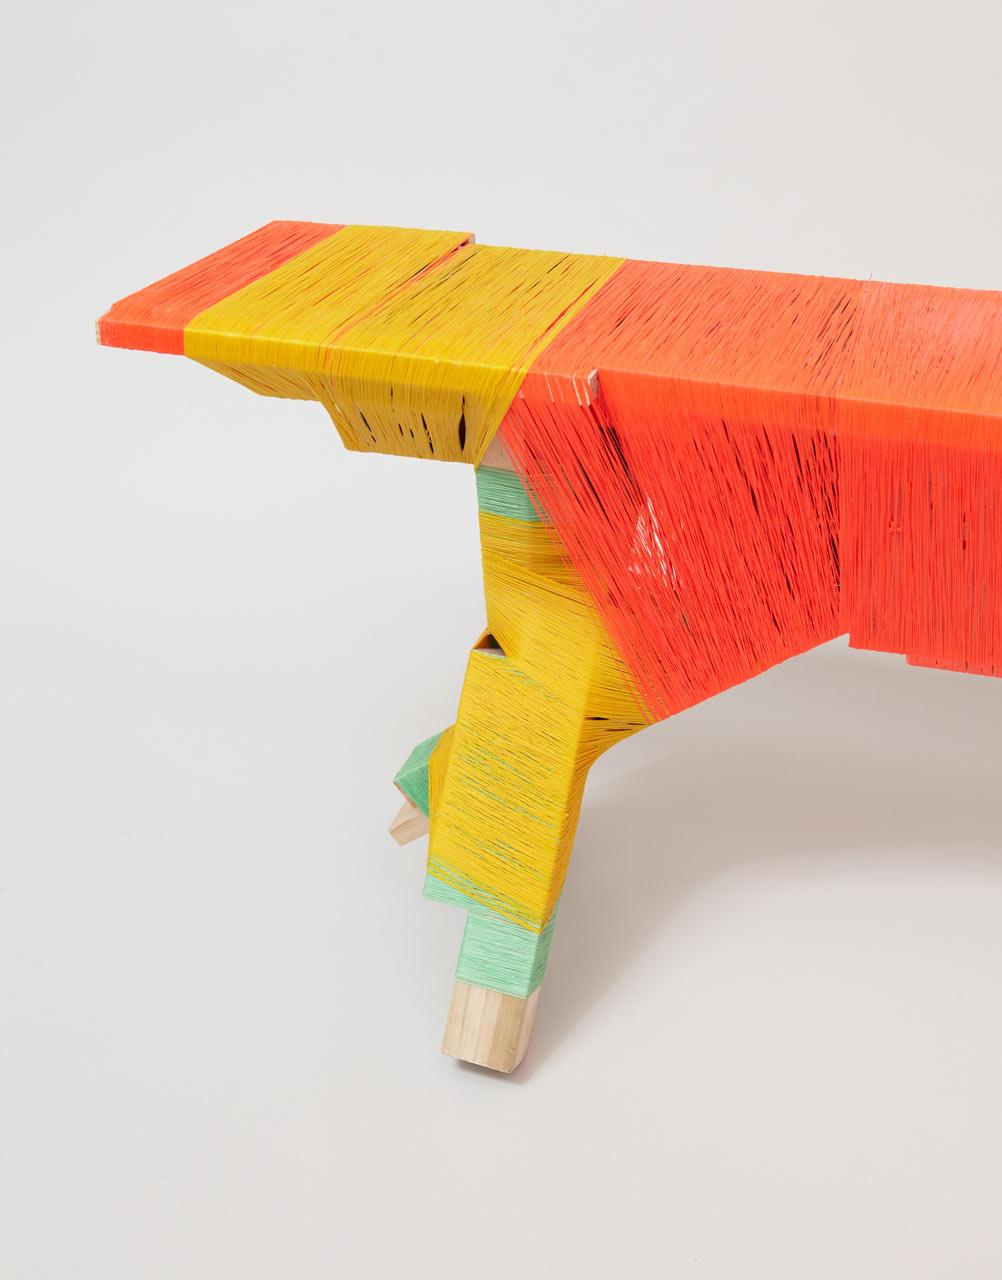 anton_alvarez thread wrapping bench detail